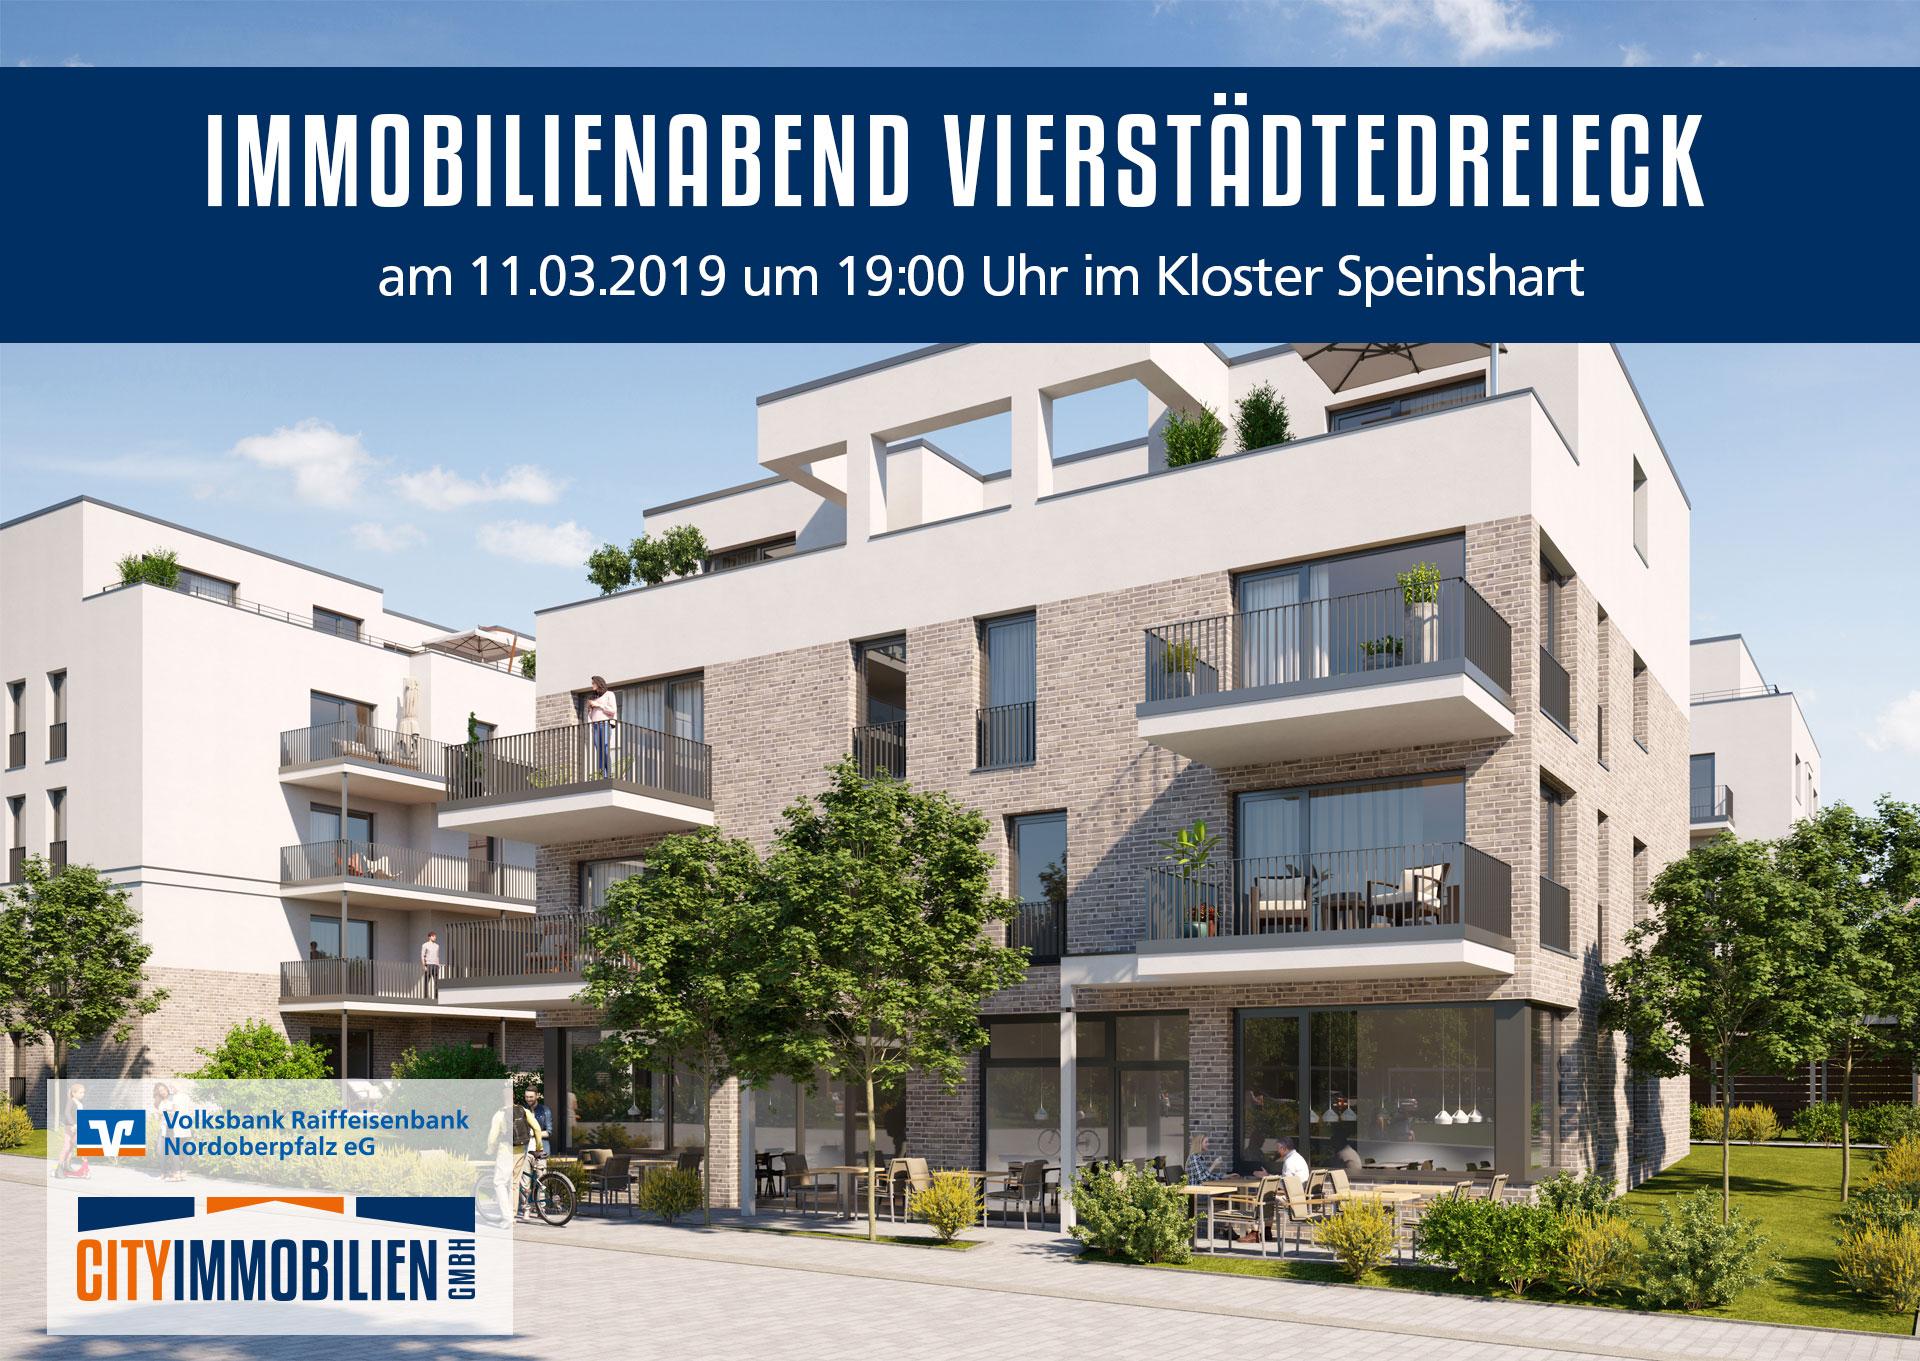 Immobilienabend VierStädtedreieck